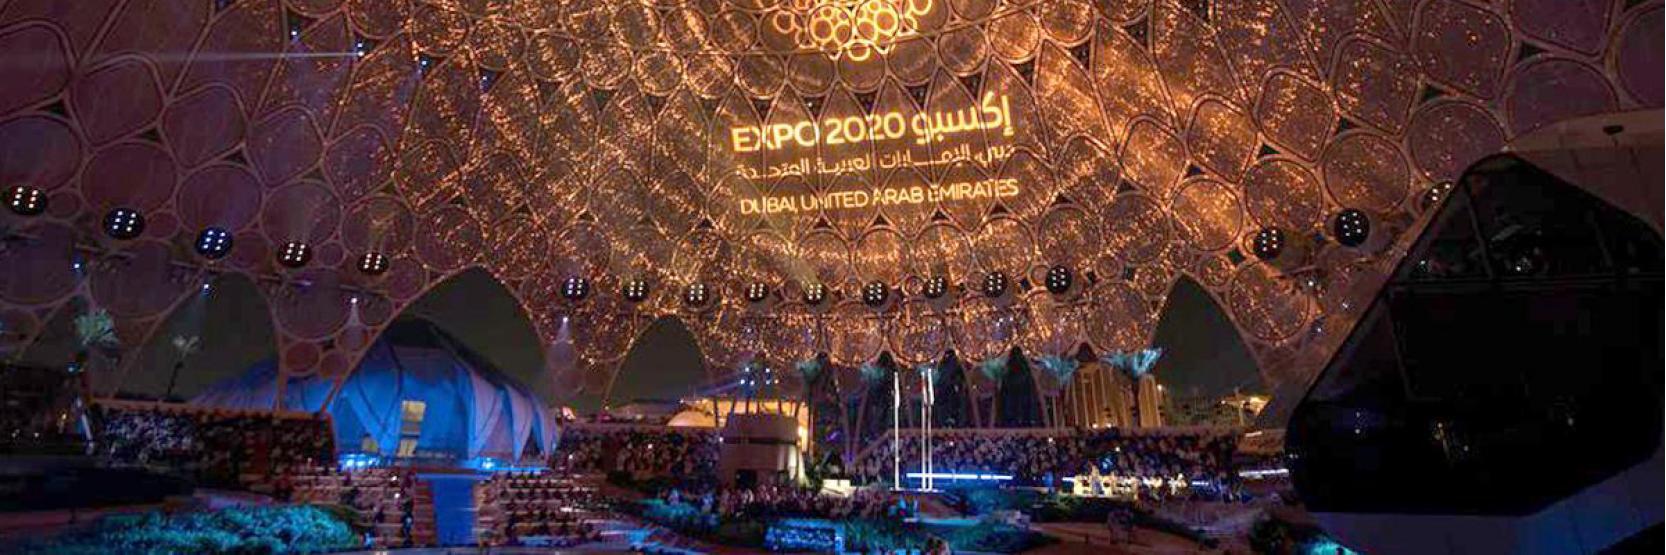 افتتاح أكبر عرض في العالم إكسبو 2020